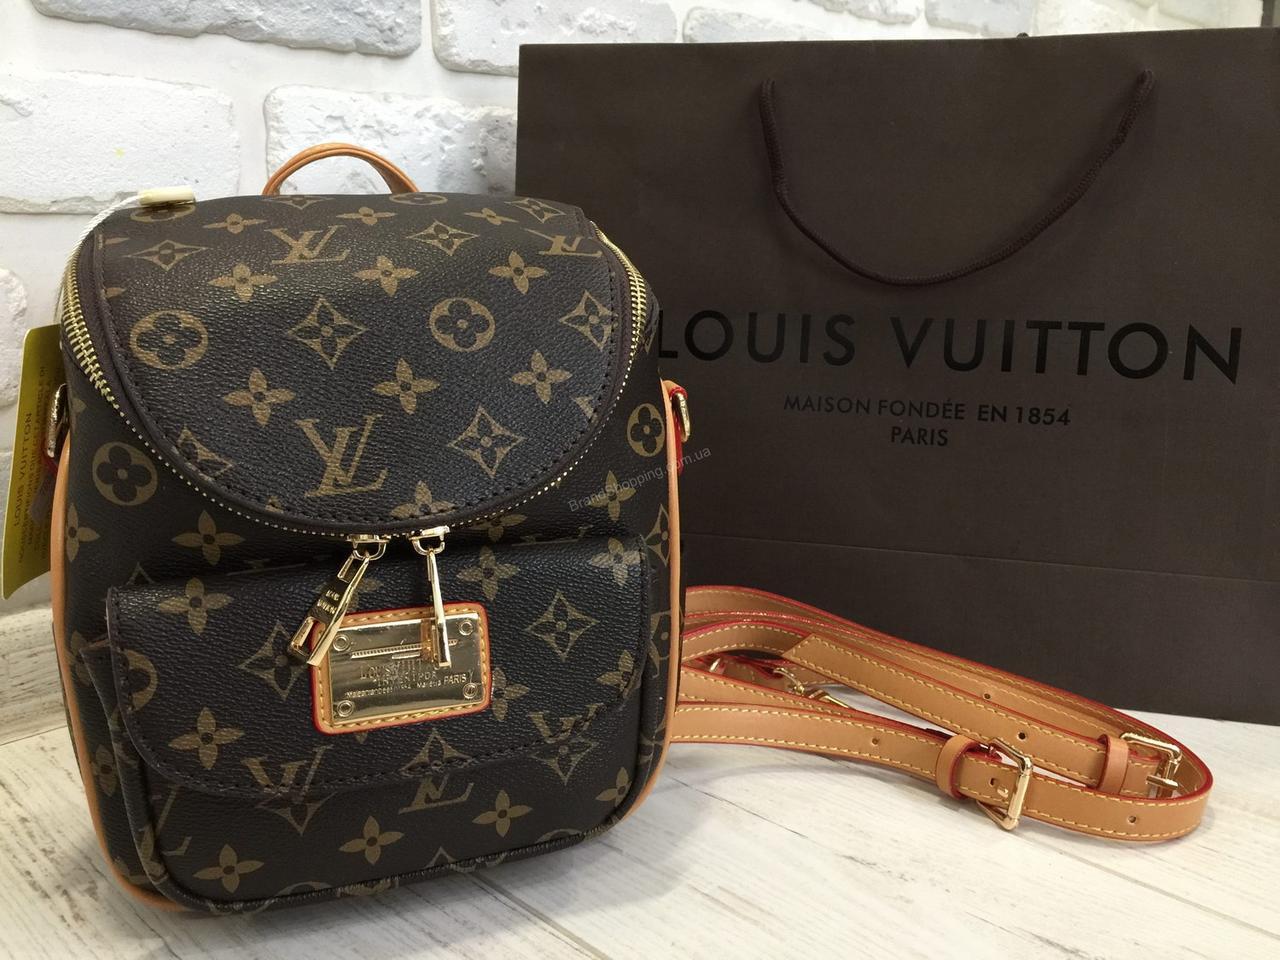 79be6e5c6e88 Рюкзак Louis Vuitton Lux 0403 - купить по лучшей цене в Украине ...